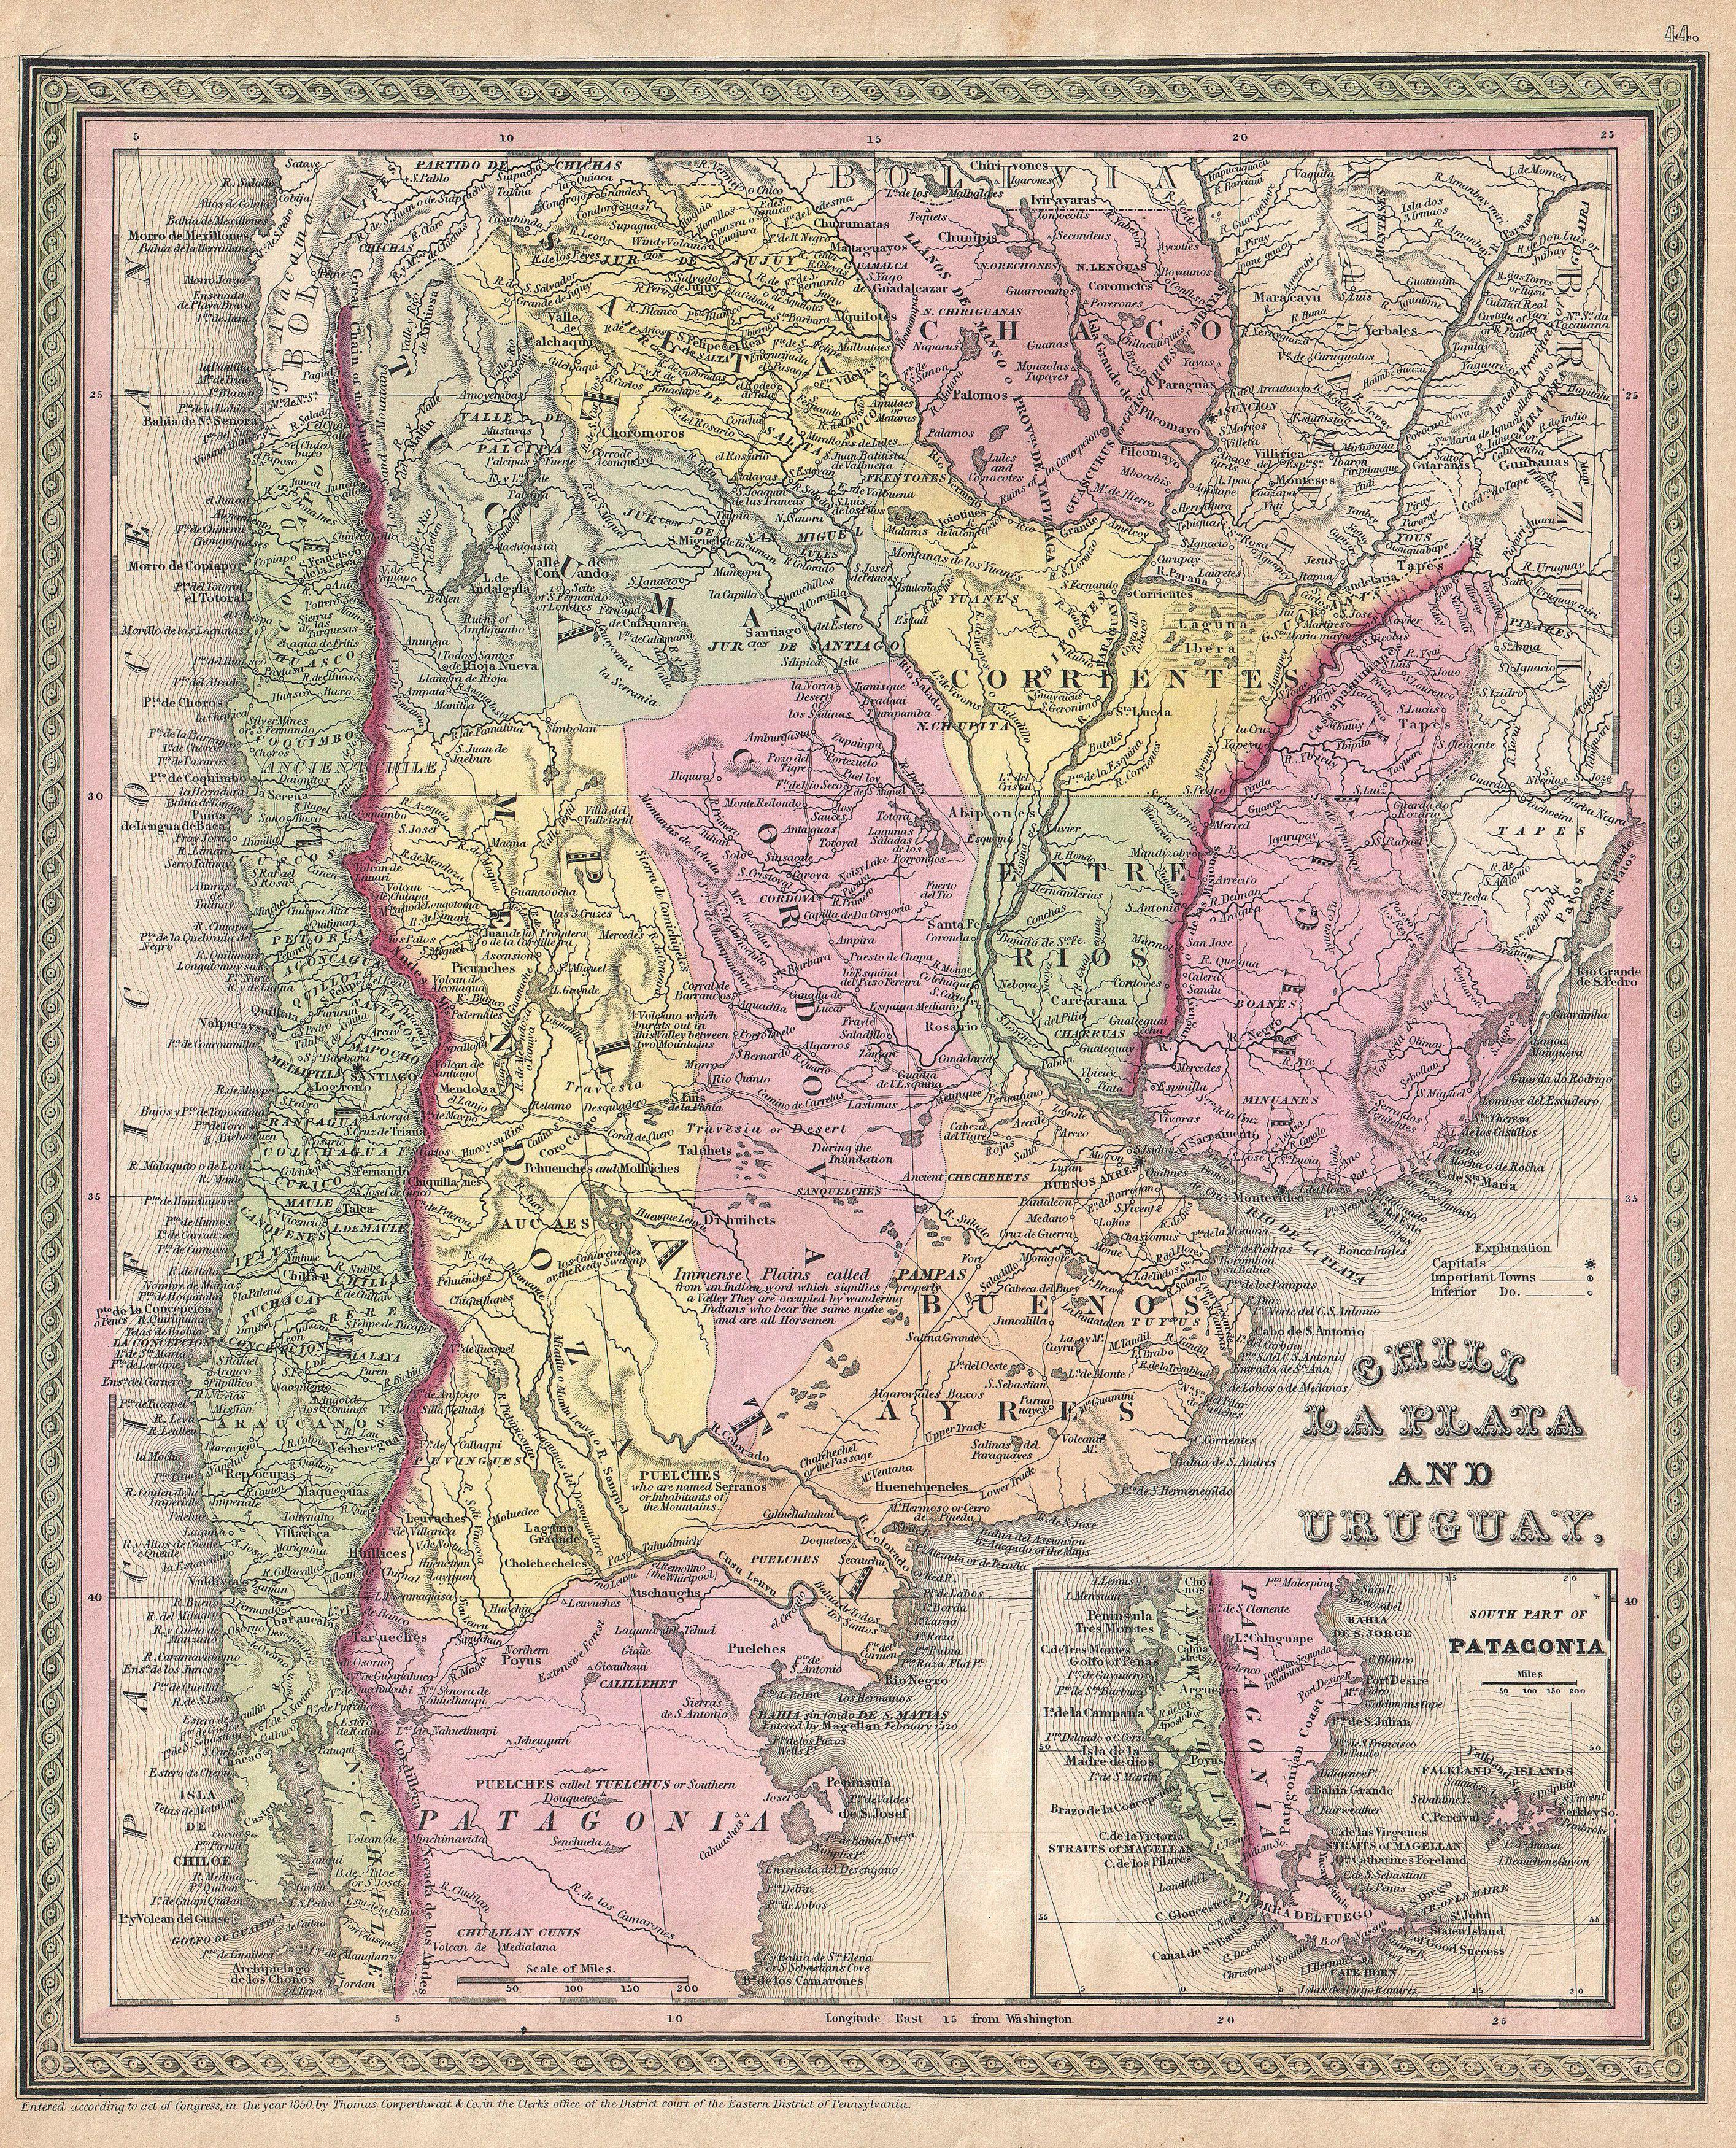 uruguay geschichte